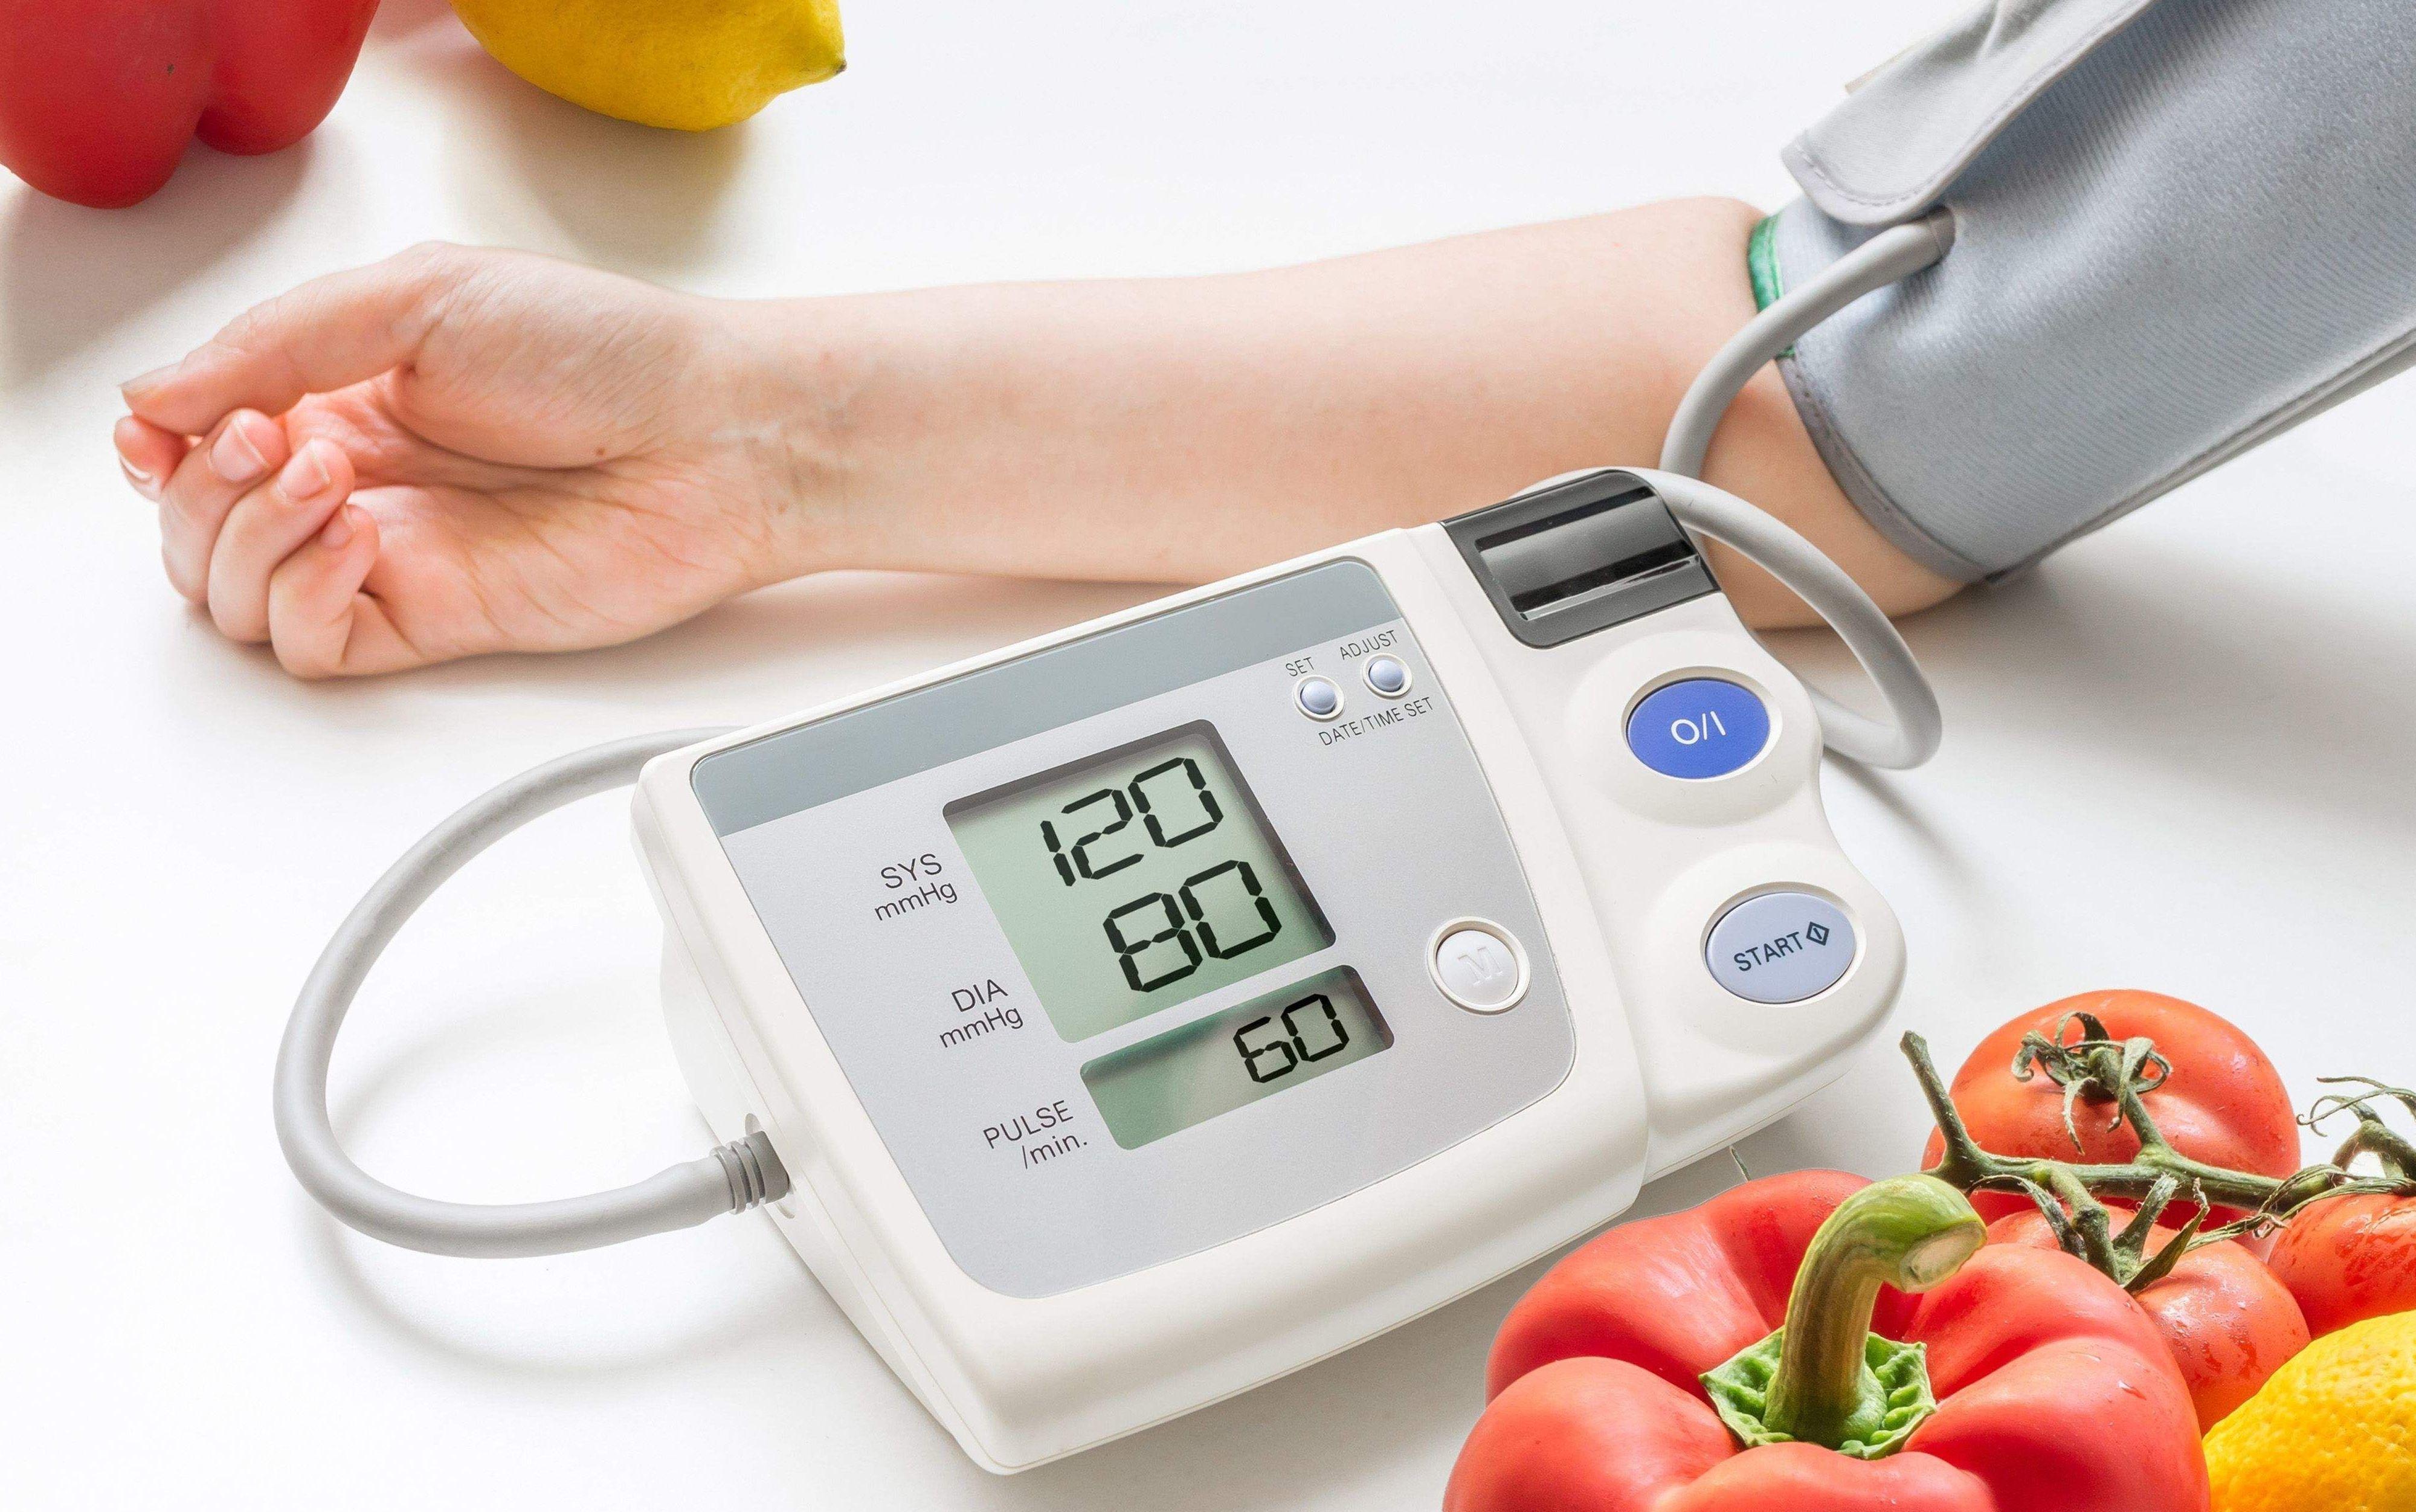 رابطه ایست تنفسی در خواب با فشار خون بالا